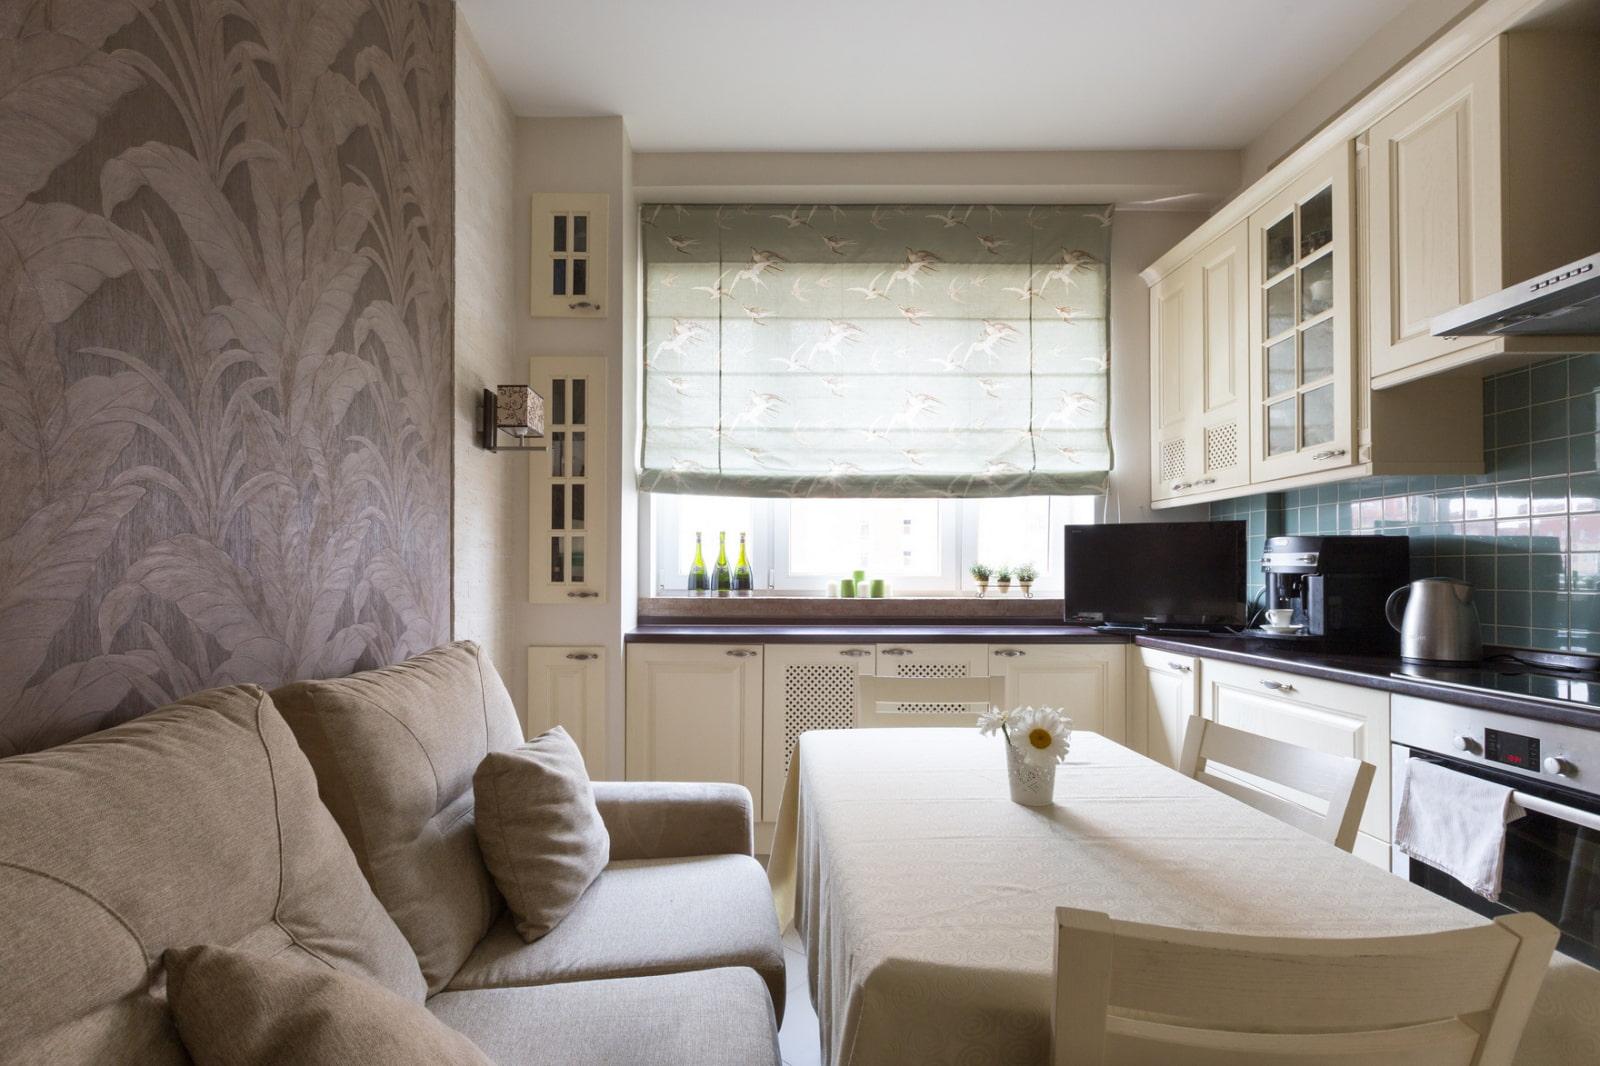 реальные фото кухонь с диваном российских туристов пострадавших